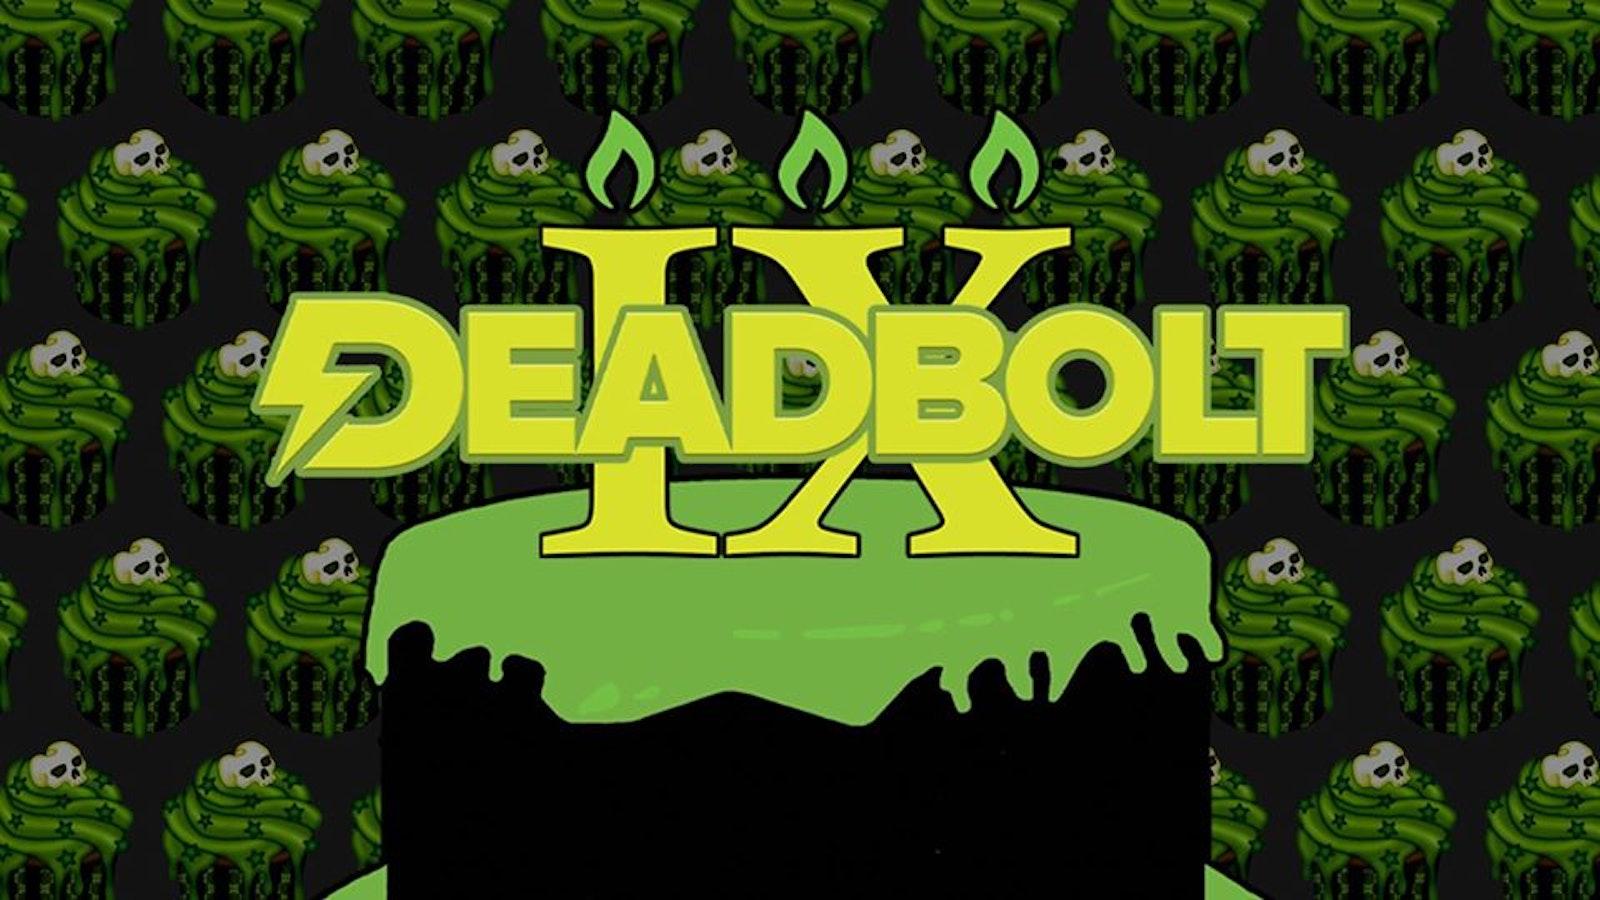 Deadbolt 9th Birthday Special / Live Bands & Guest DJs All Night